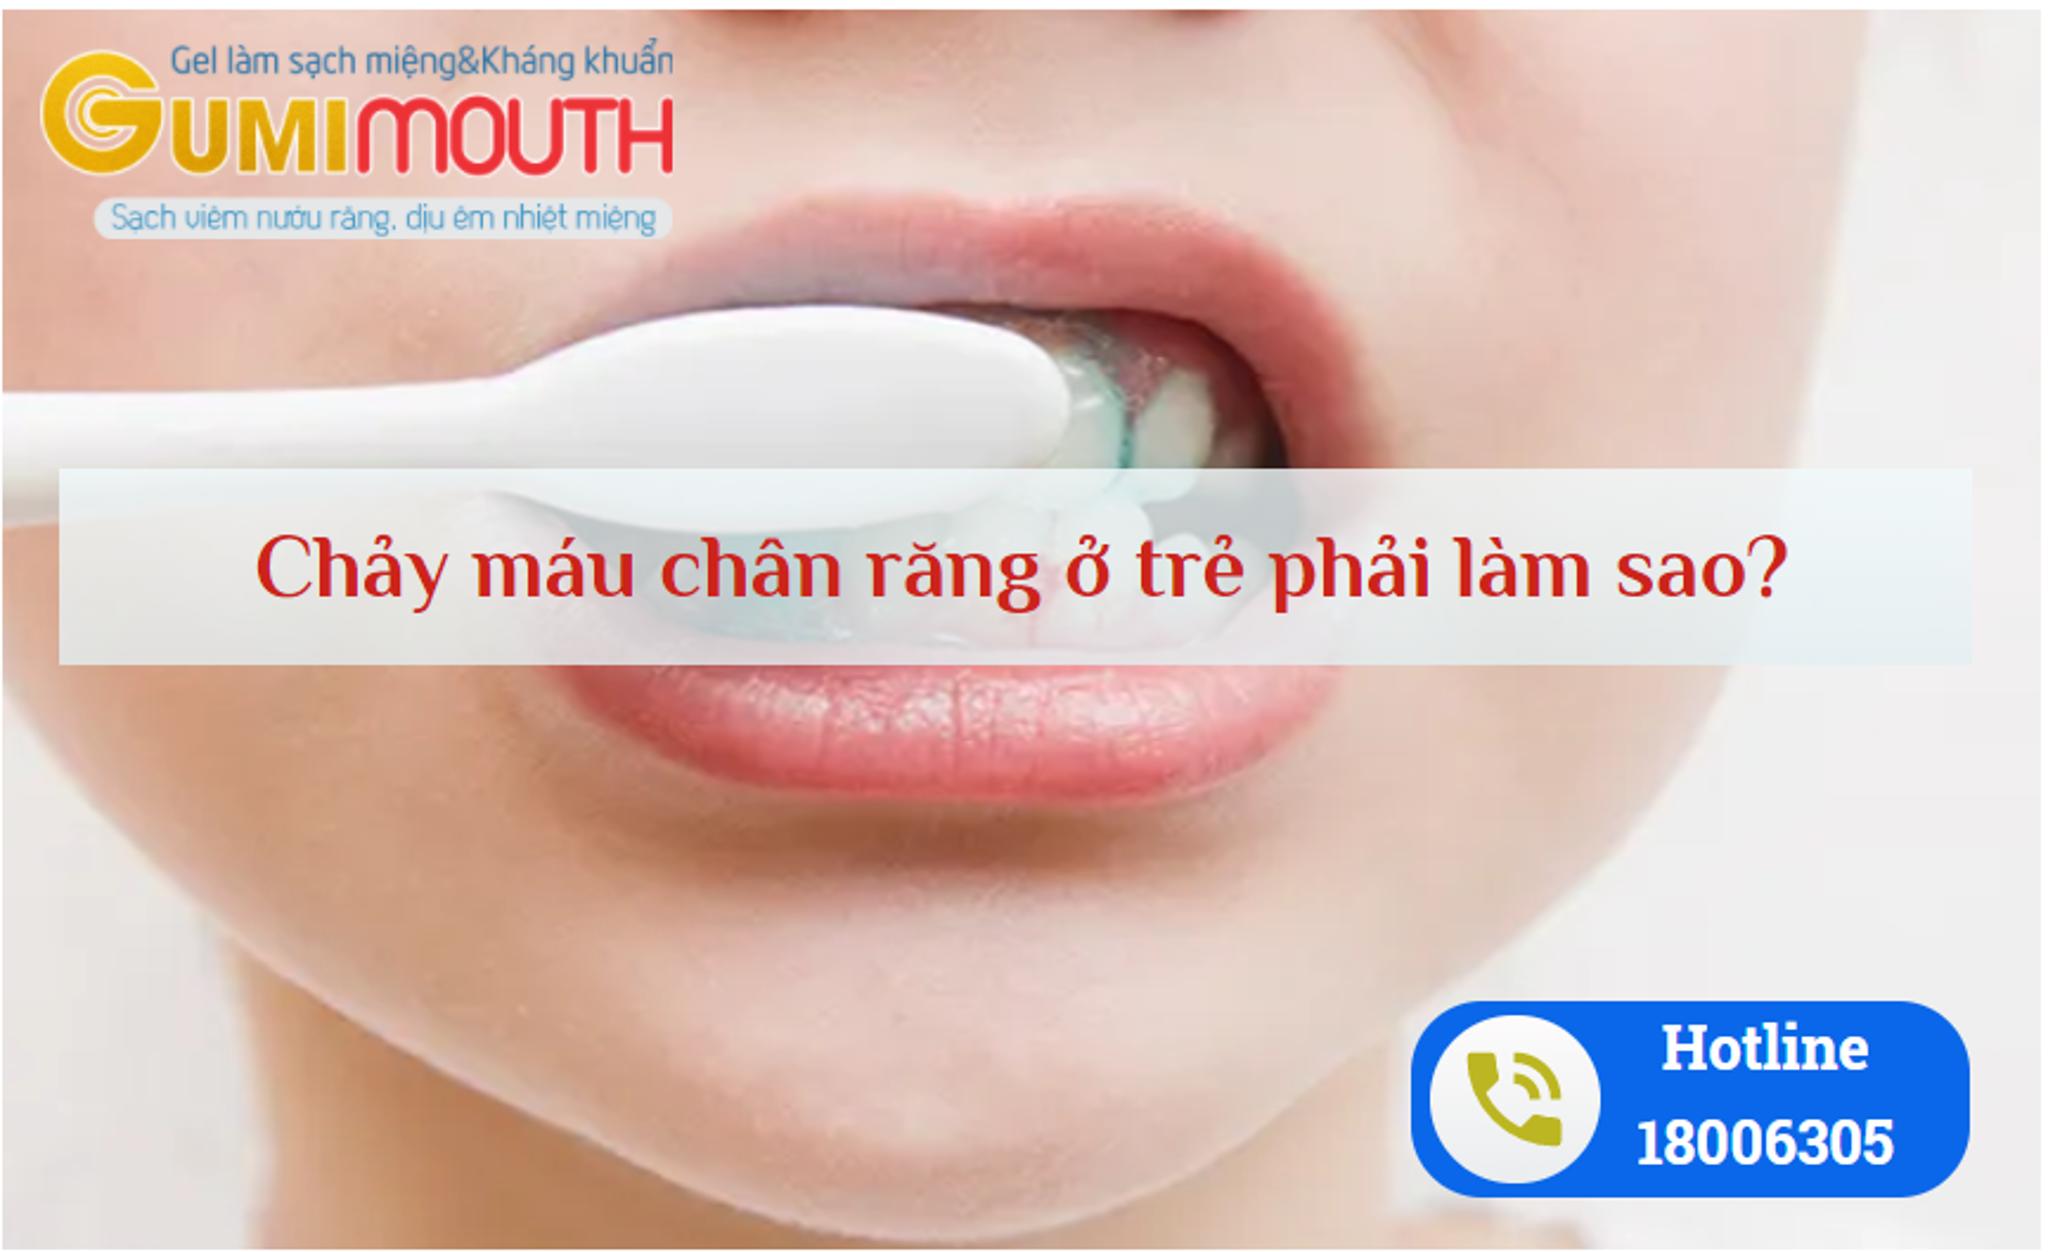 Chảy máu chân răng ở trẻ em phải làm sao? Cách khắc phục hiệu quả nhờ sử dụng sản phẩm từ thiên nhiên! CLICK XEM NGAY